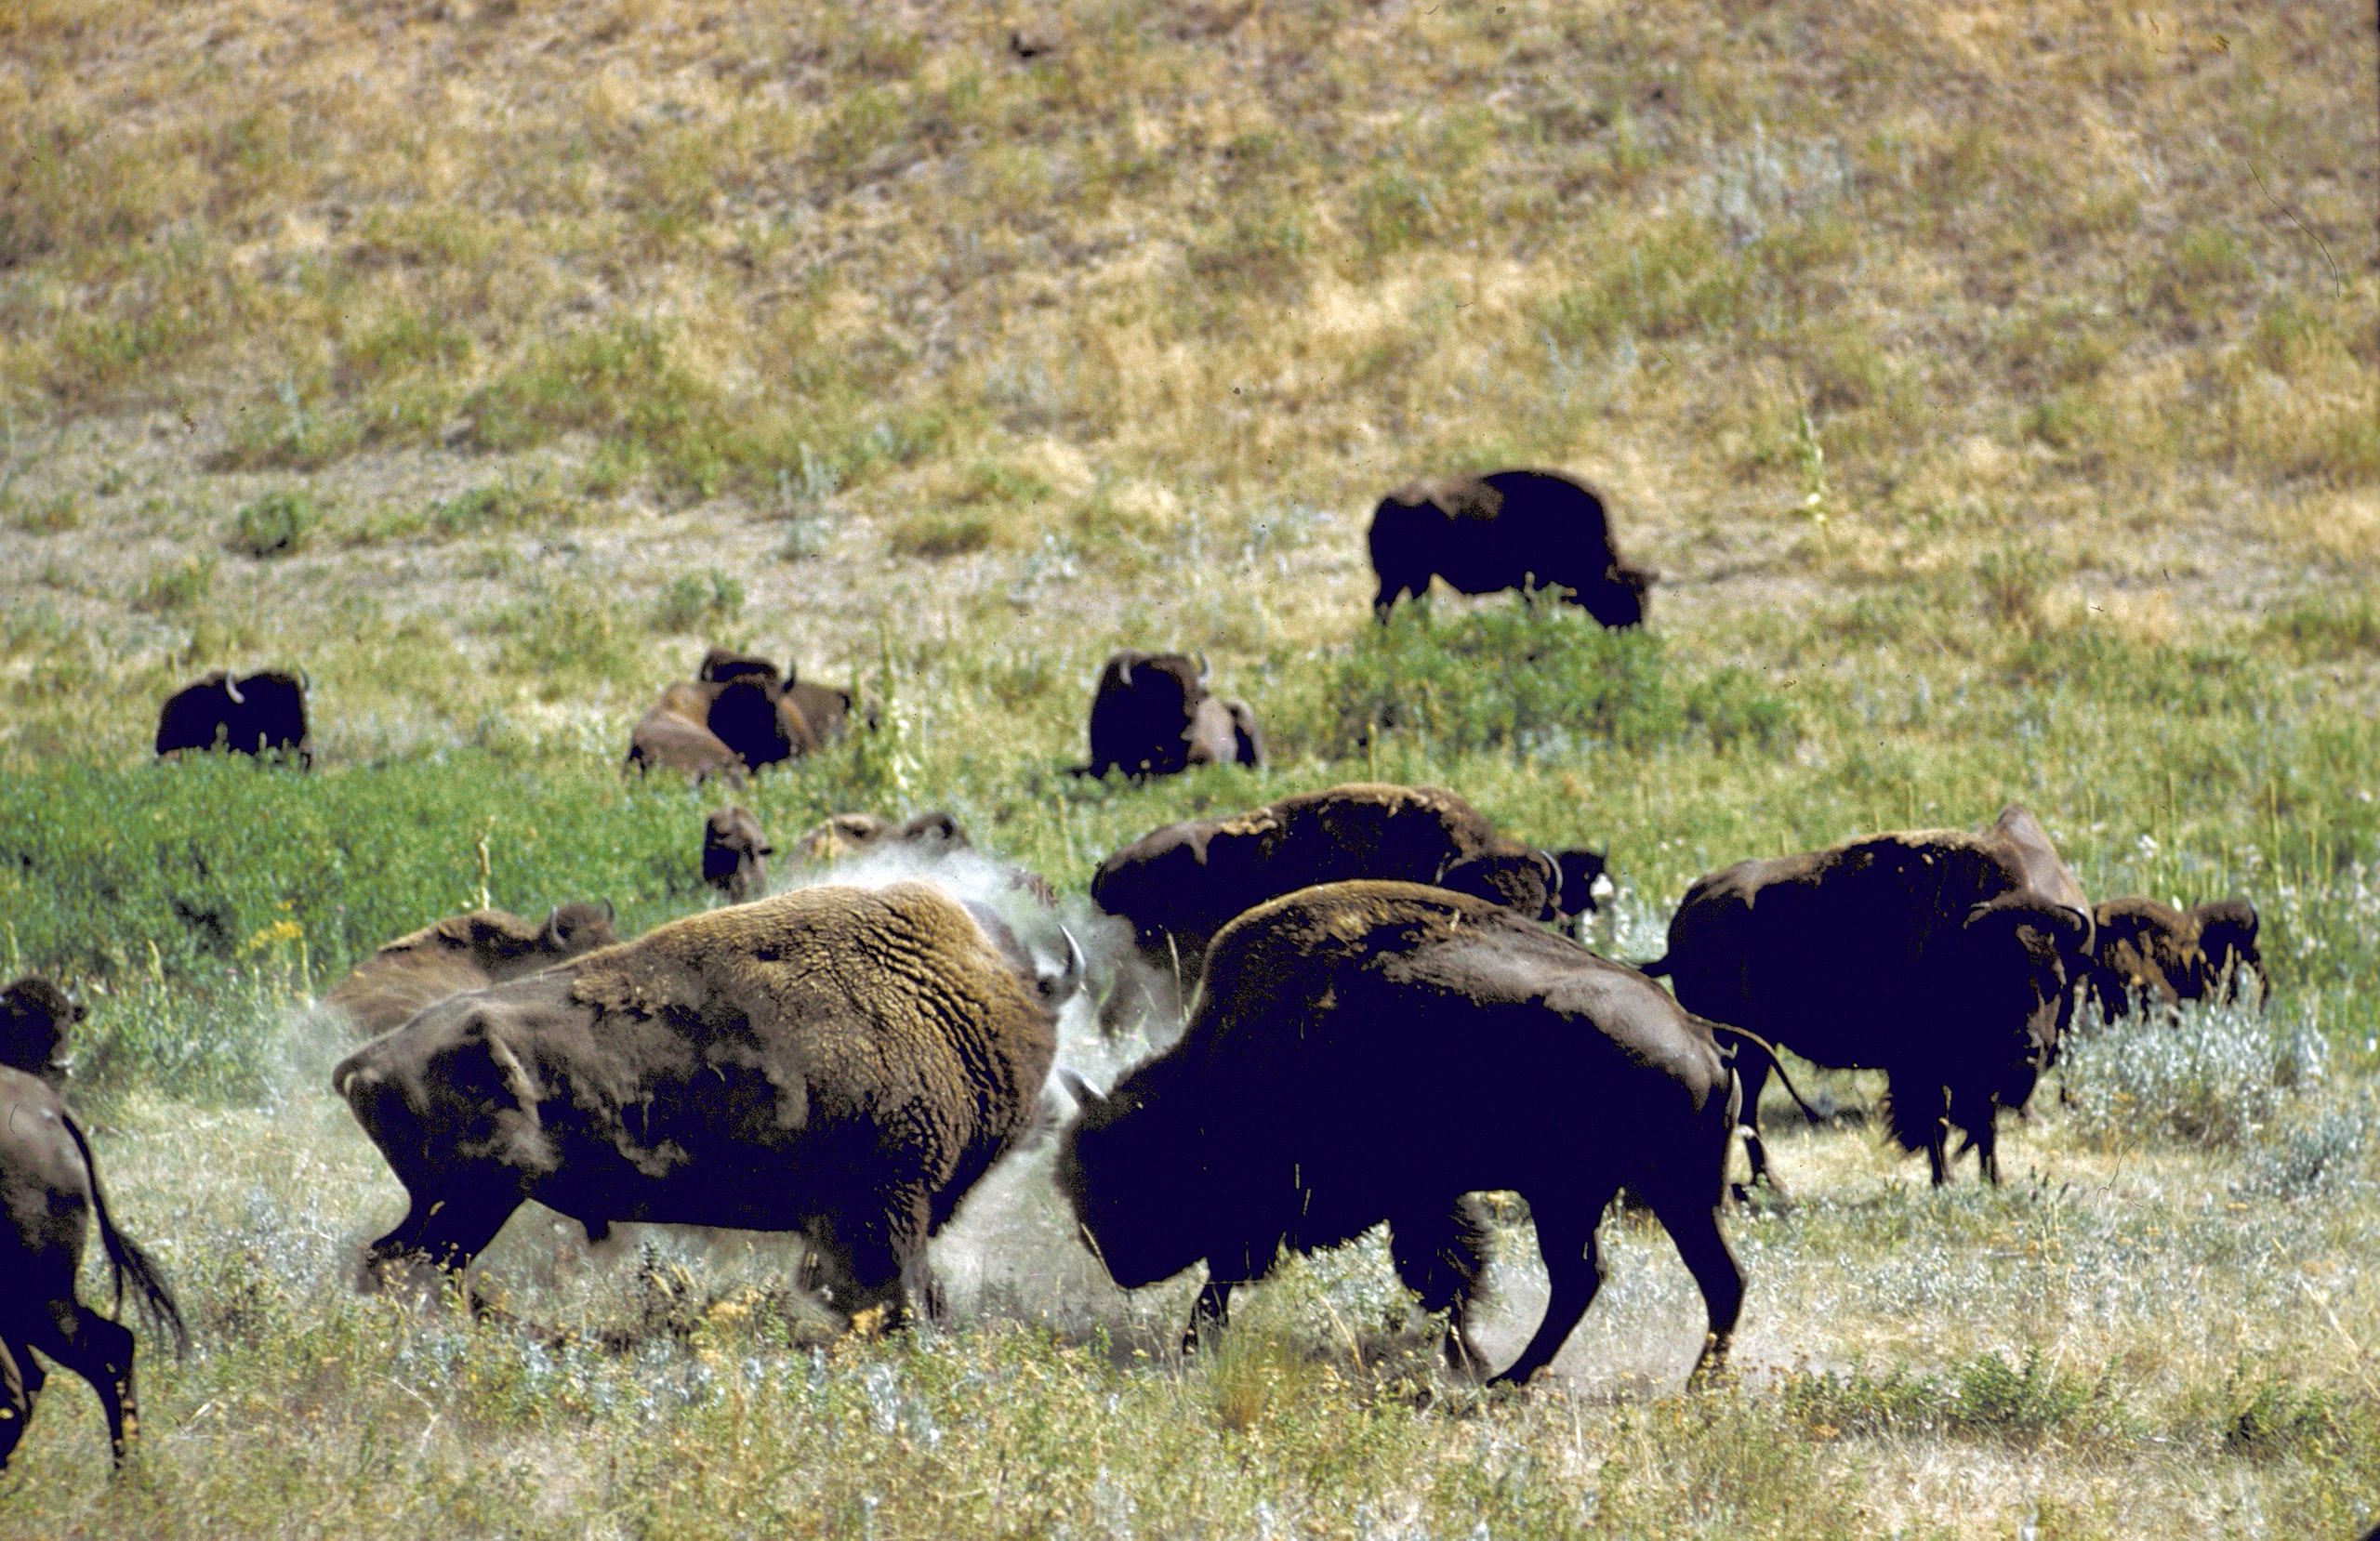 Herd of bison roaming across National Bison Range in Montana. 1961.